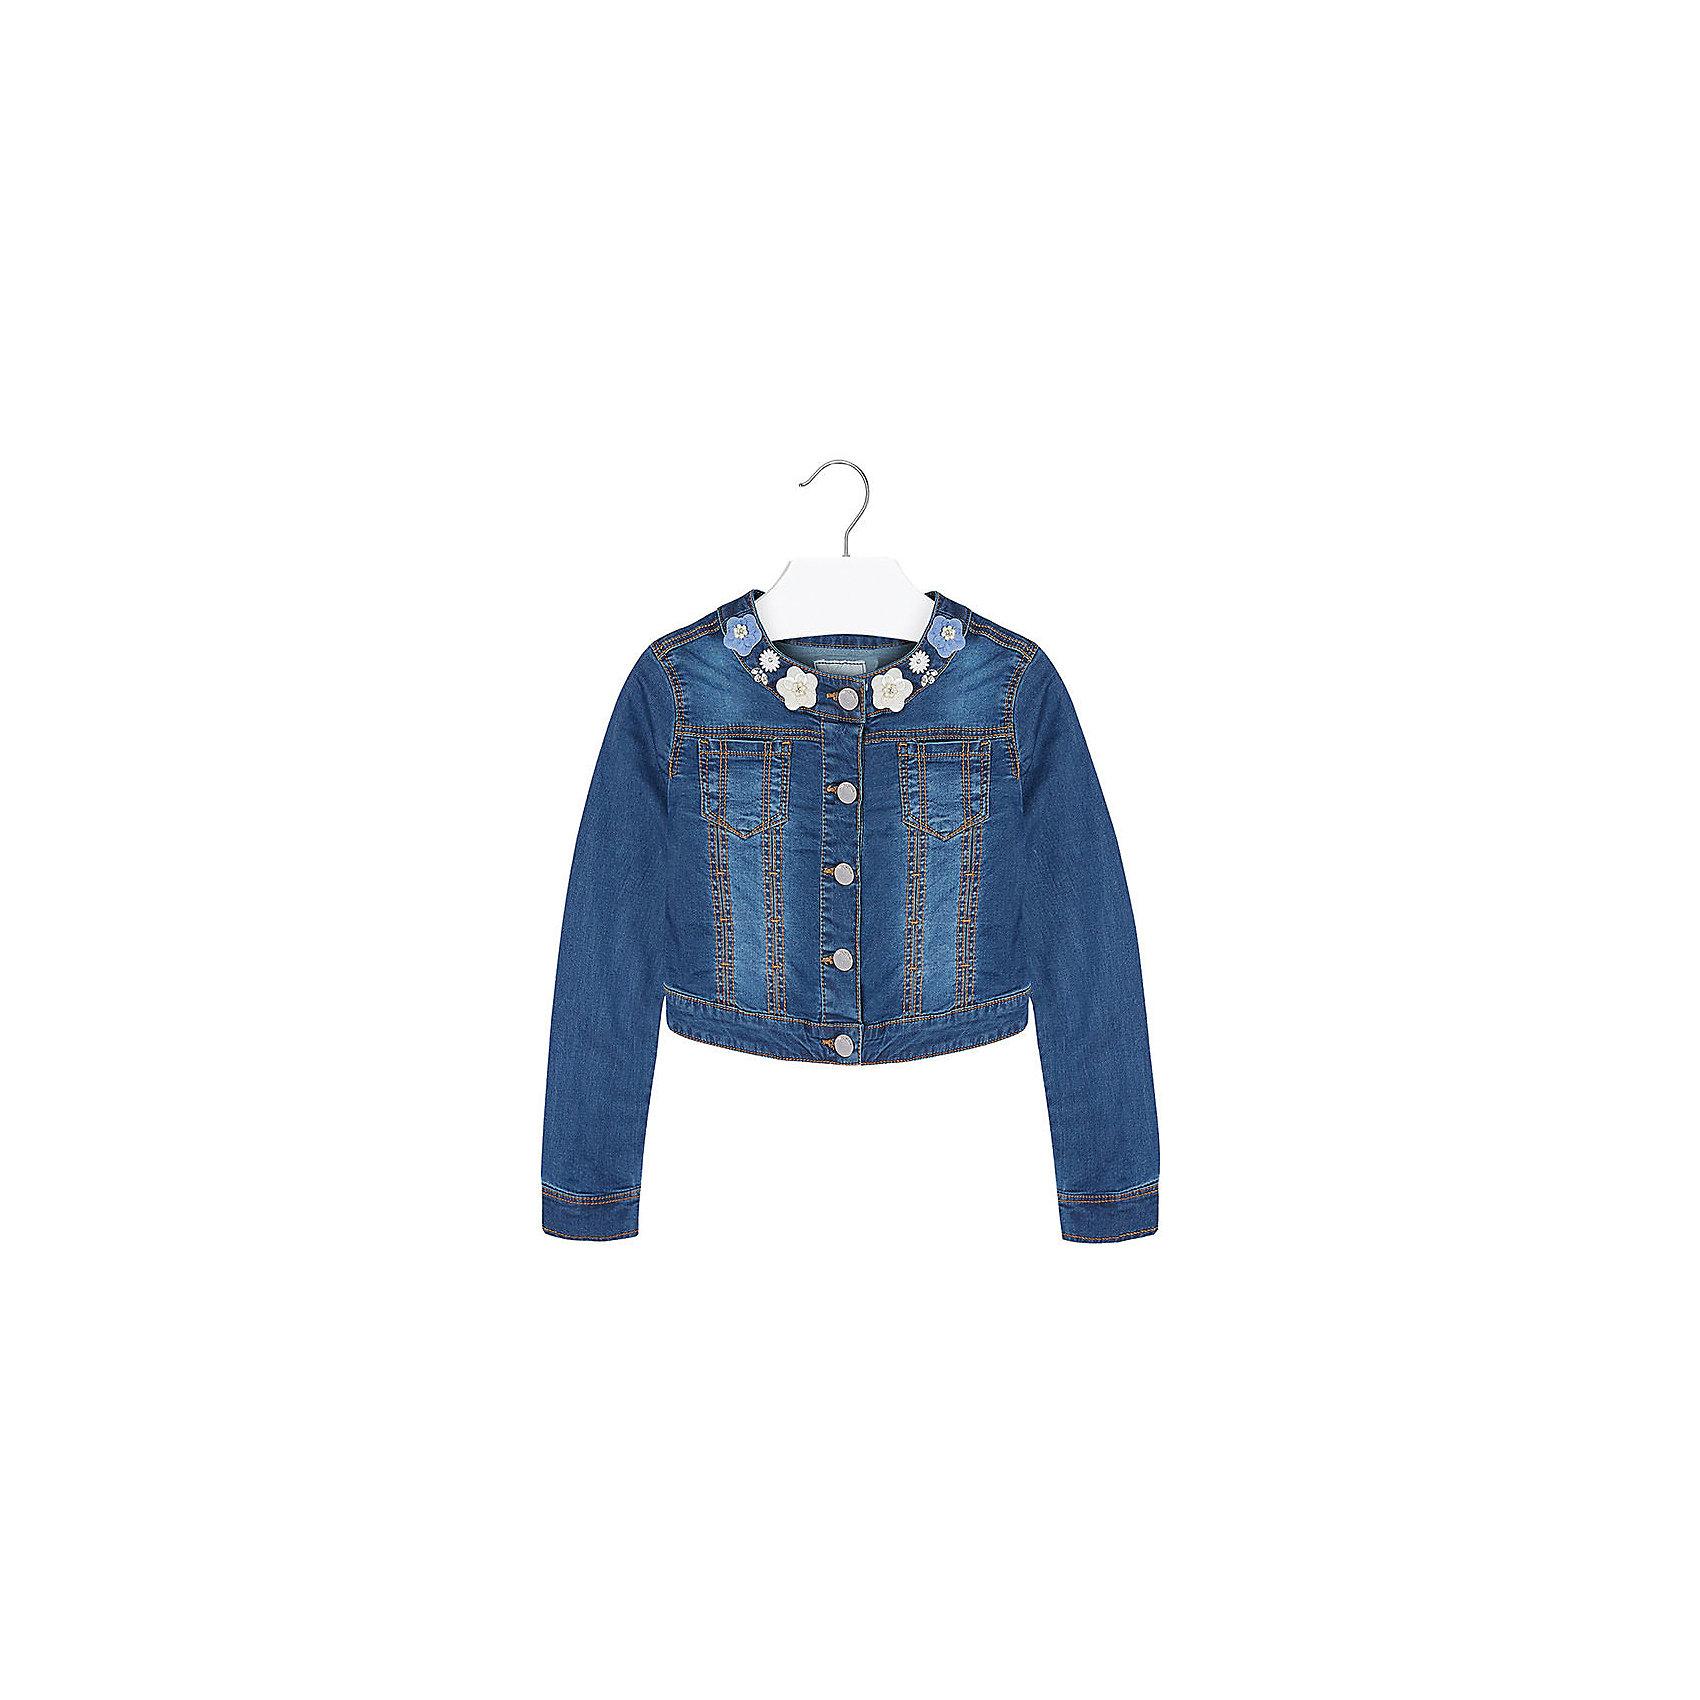 Куртка для девочки MayoralКуртка для девочки от известной испанской марки Mayoral подчеркнет индивидуальность юной модницы. <br><br>Дополнительная информация:<br><br>- Стильный дизайн.<br>- Застегивается на молнию.<br>- Манжеты рукавов на пуговицах.<br>- 2 кармана на груди.<br>- Аппликация в виде цветов.<br>- Ассиметричный низ (сзади-короче). <br>- Состав: 98% хлопок, 2% эластан. <br><br>Куртку для девочки Mayoral (Майорал) можно купить в нашем магазине.<br><br>Ширина мм: 356<br>Глубина мм: 10<br>Высота мм: 245<br>Вес г: 519<br>Цвет: синий<br>Возраст от месяцев: 132<br>Возраст до месяцев: 144<br>Пол: Женский<br>Возраст: Детский<br>Размер: 152,158,170,128,140,164<br>SKU: 4538517